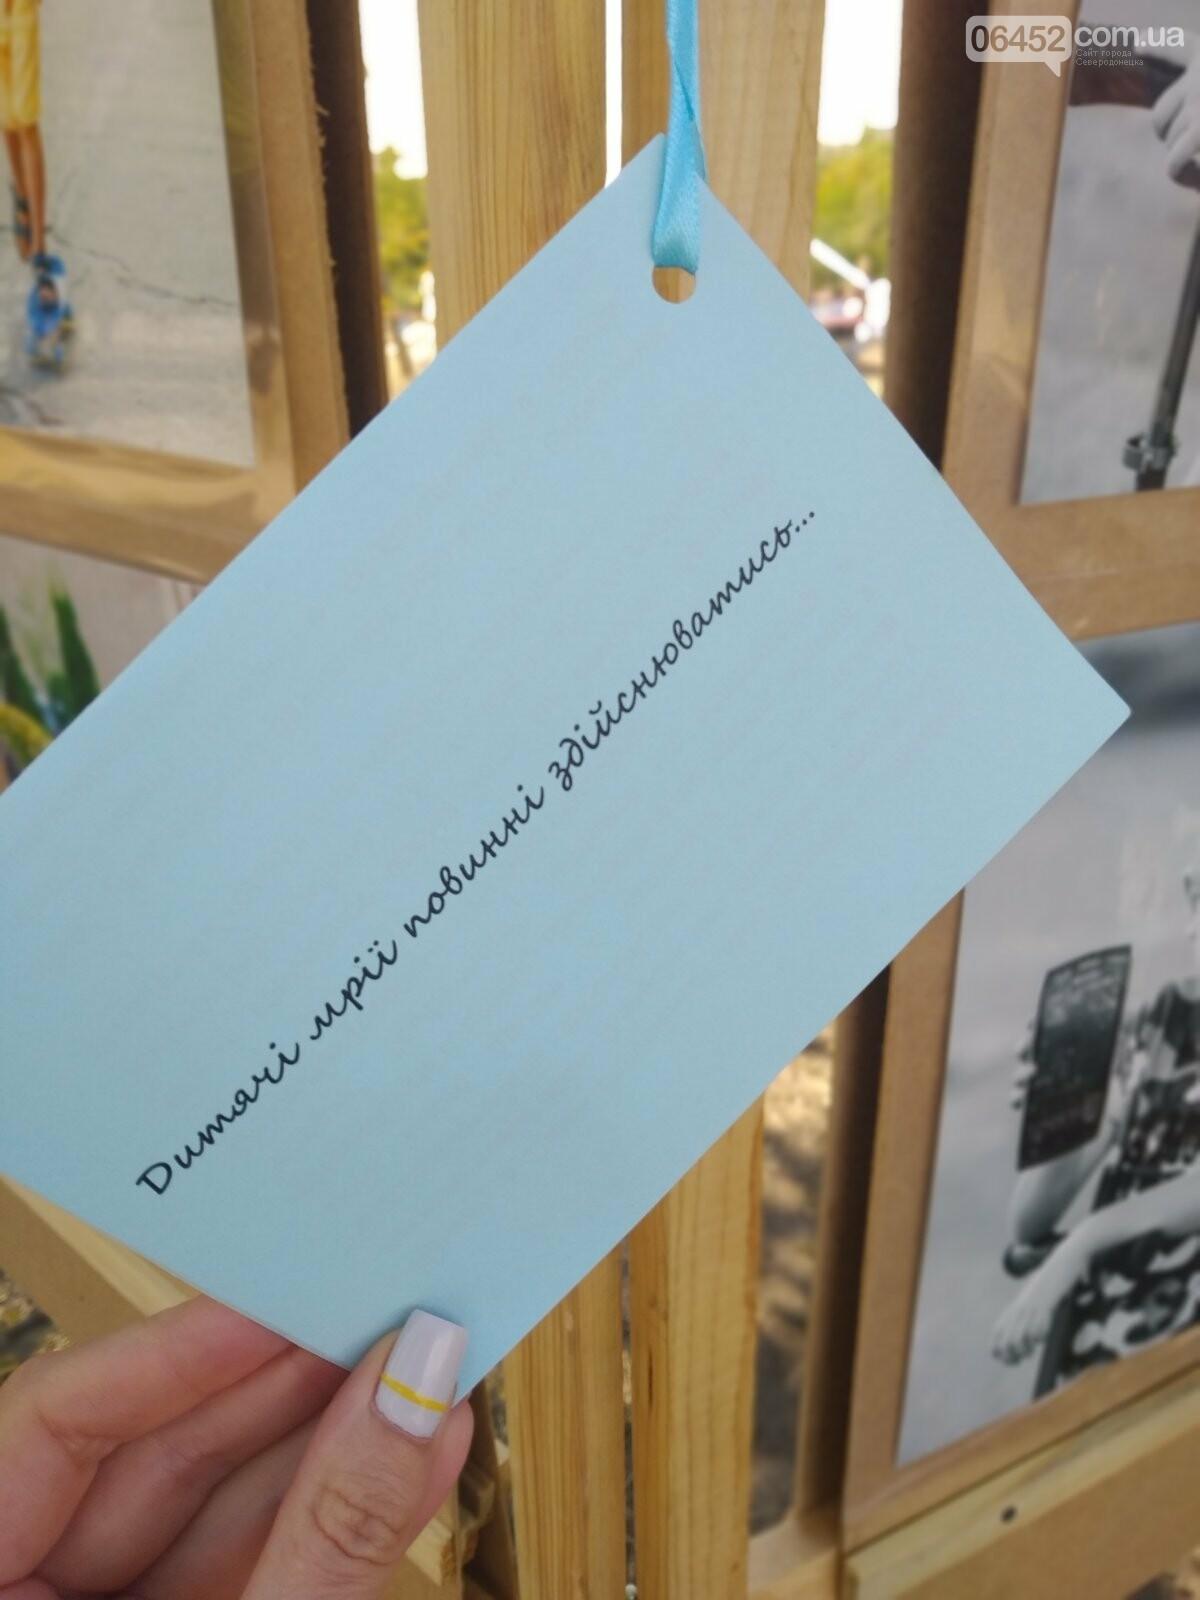 """Диалог под открытым небом. В Северодонецке проходит """"Фестиваль думок"""" (фото), фото-15"""